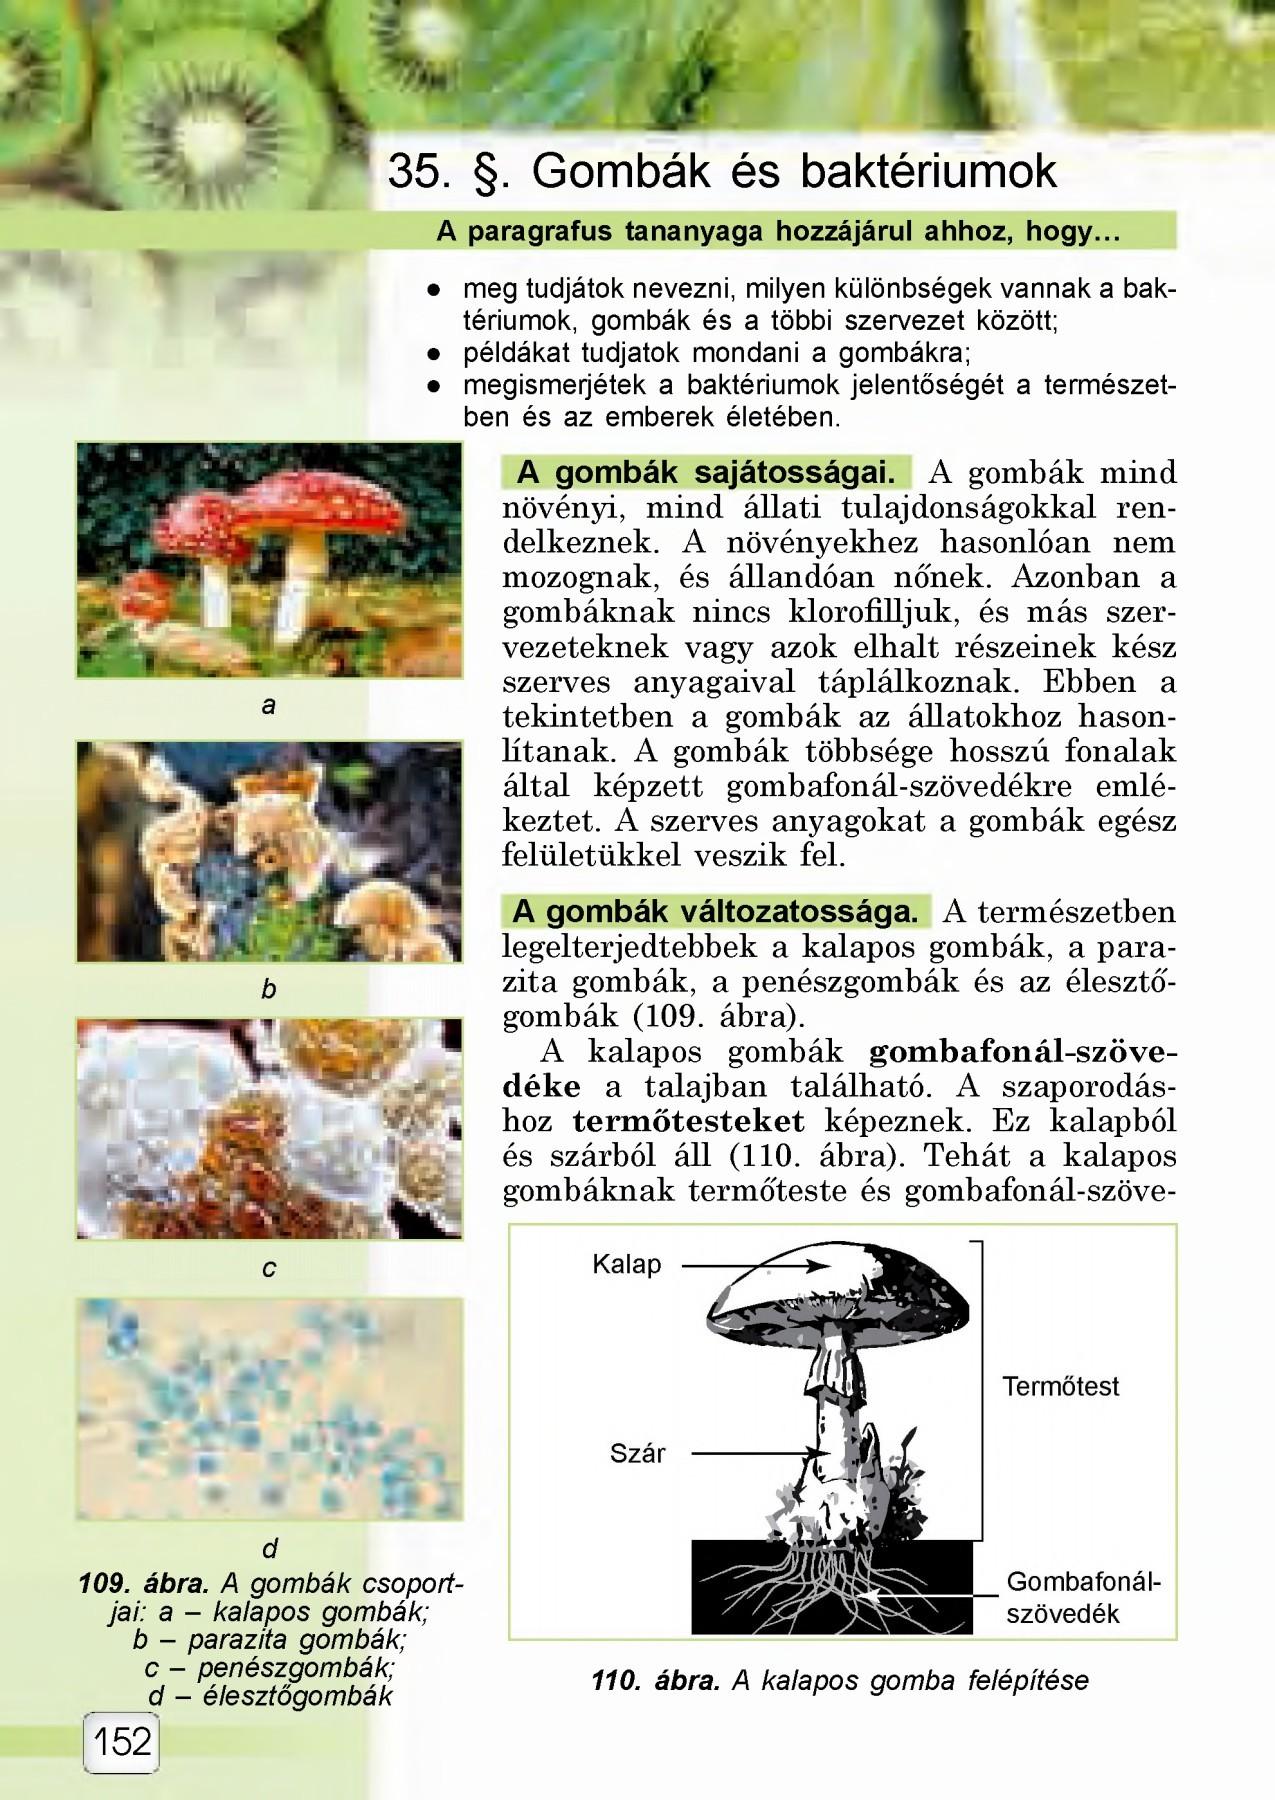 fokhagyma mint féreghajtó nyers élelmezők tisztítása a parazitáktól